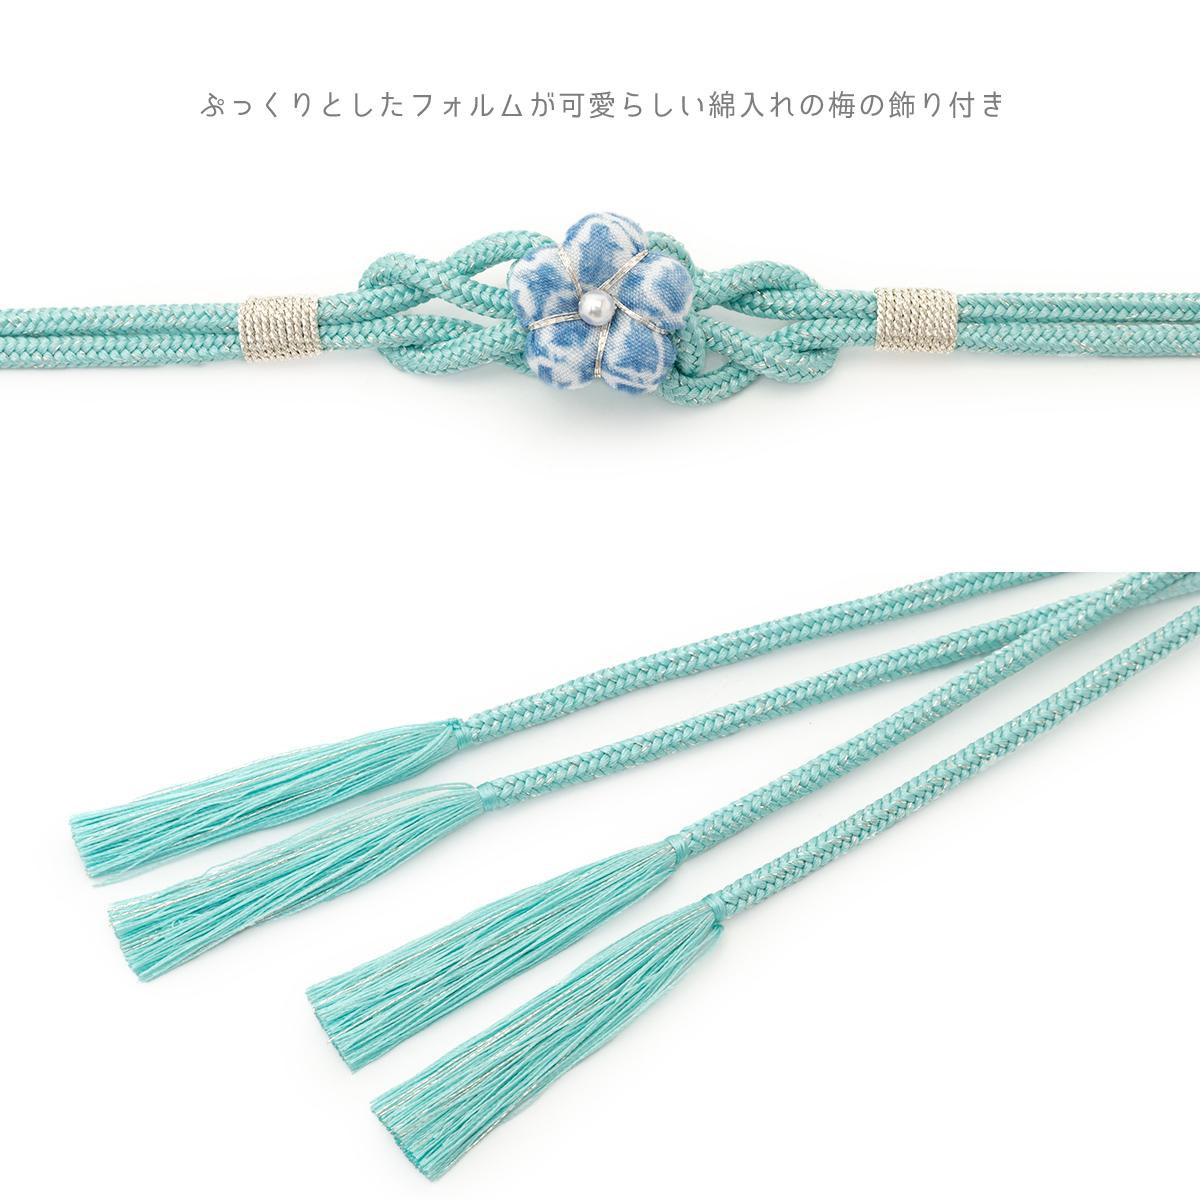 花モチーフの飾り紐